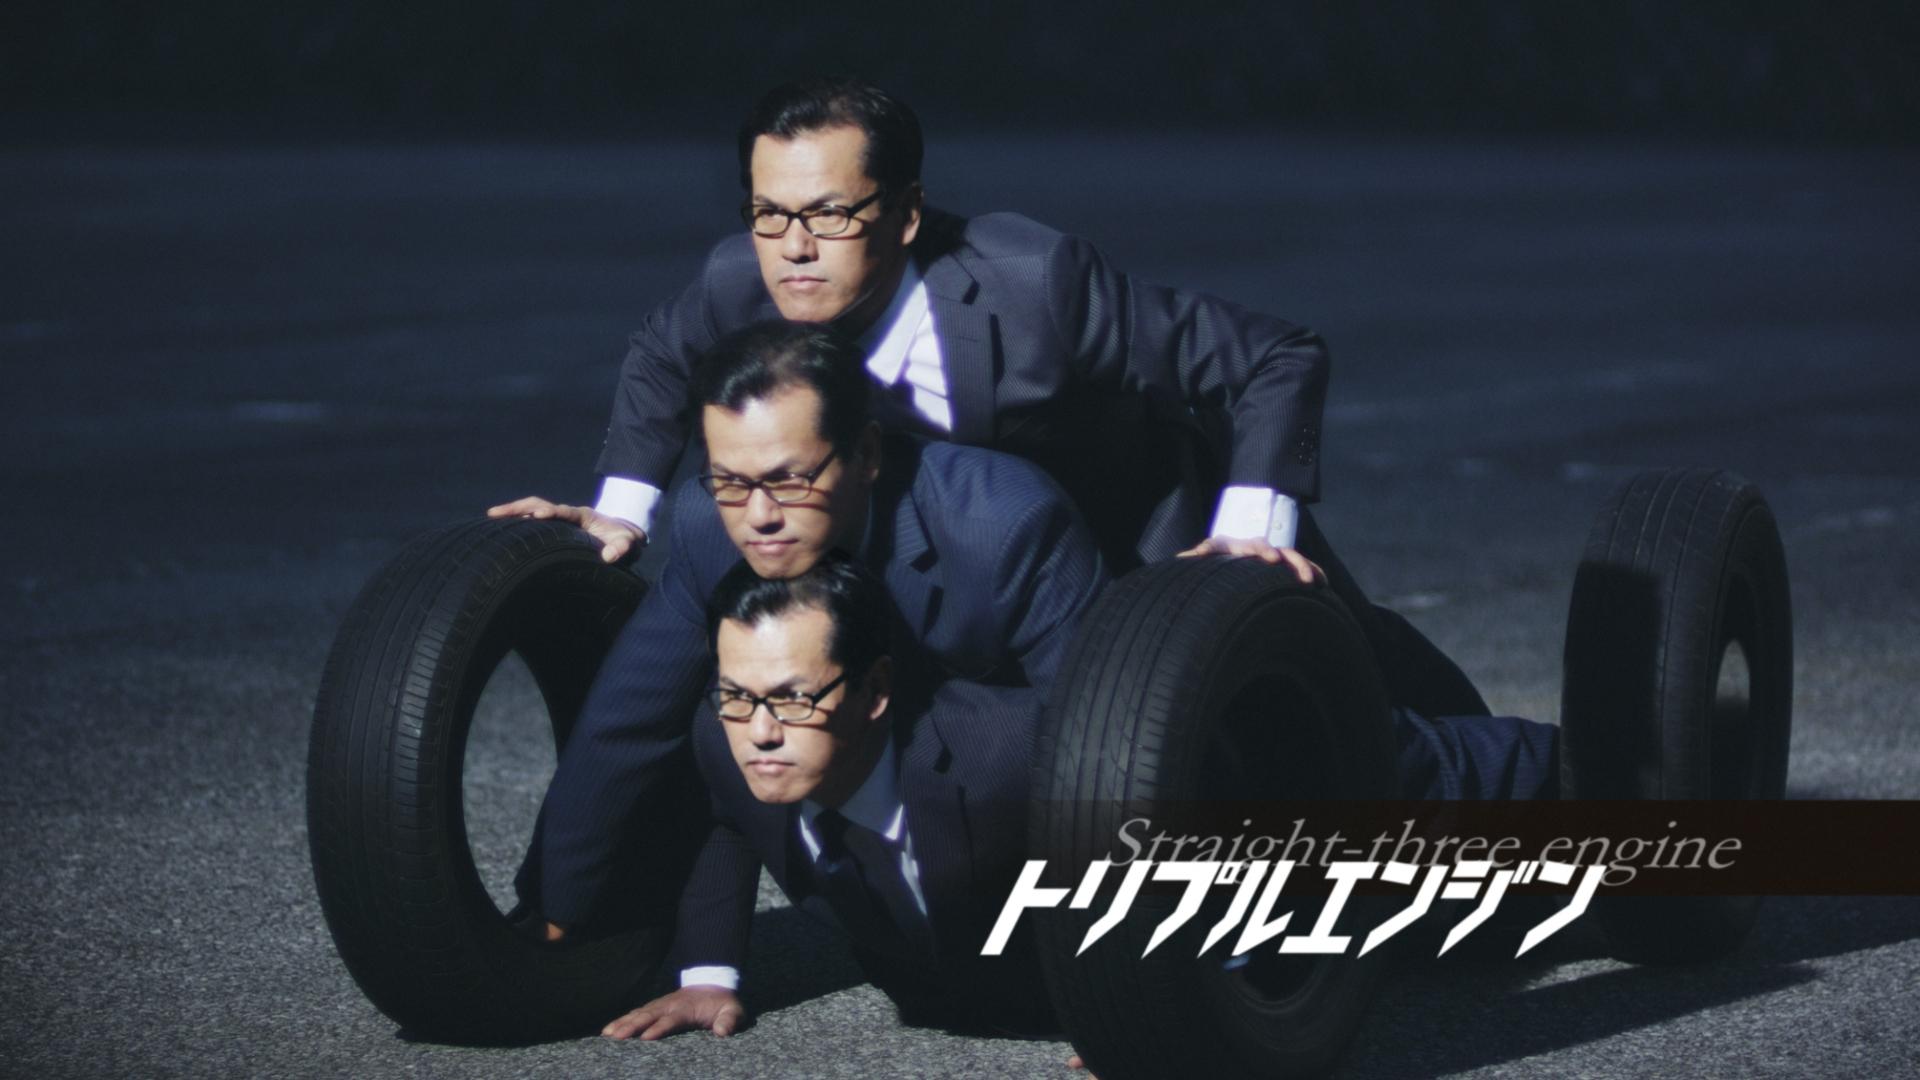 ミスターSASUKE、両手足にタイヤを装着し車の擬人化に挑戦